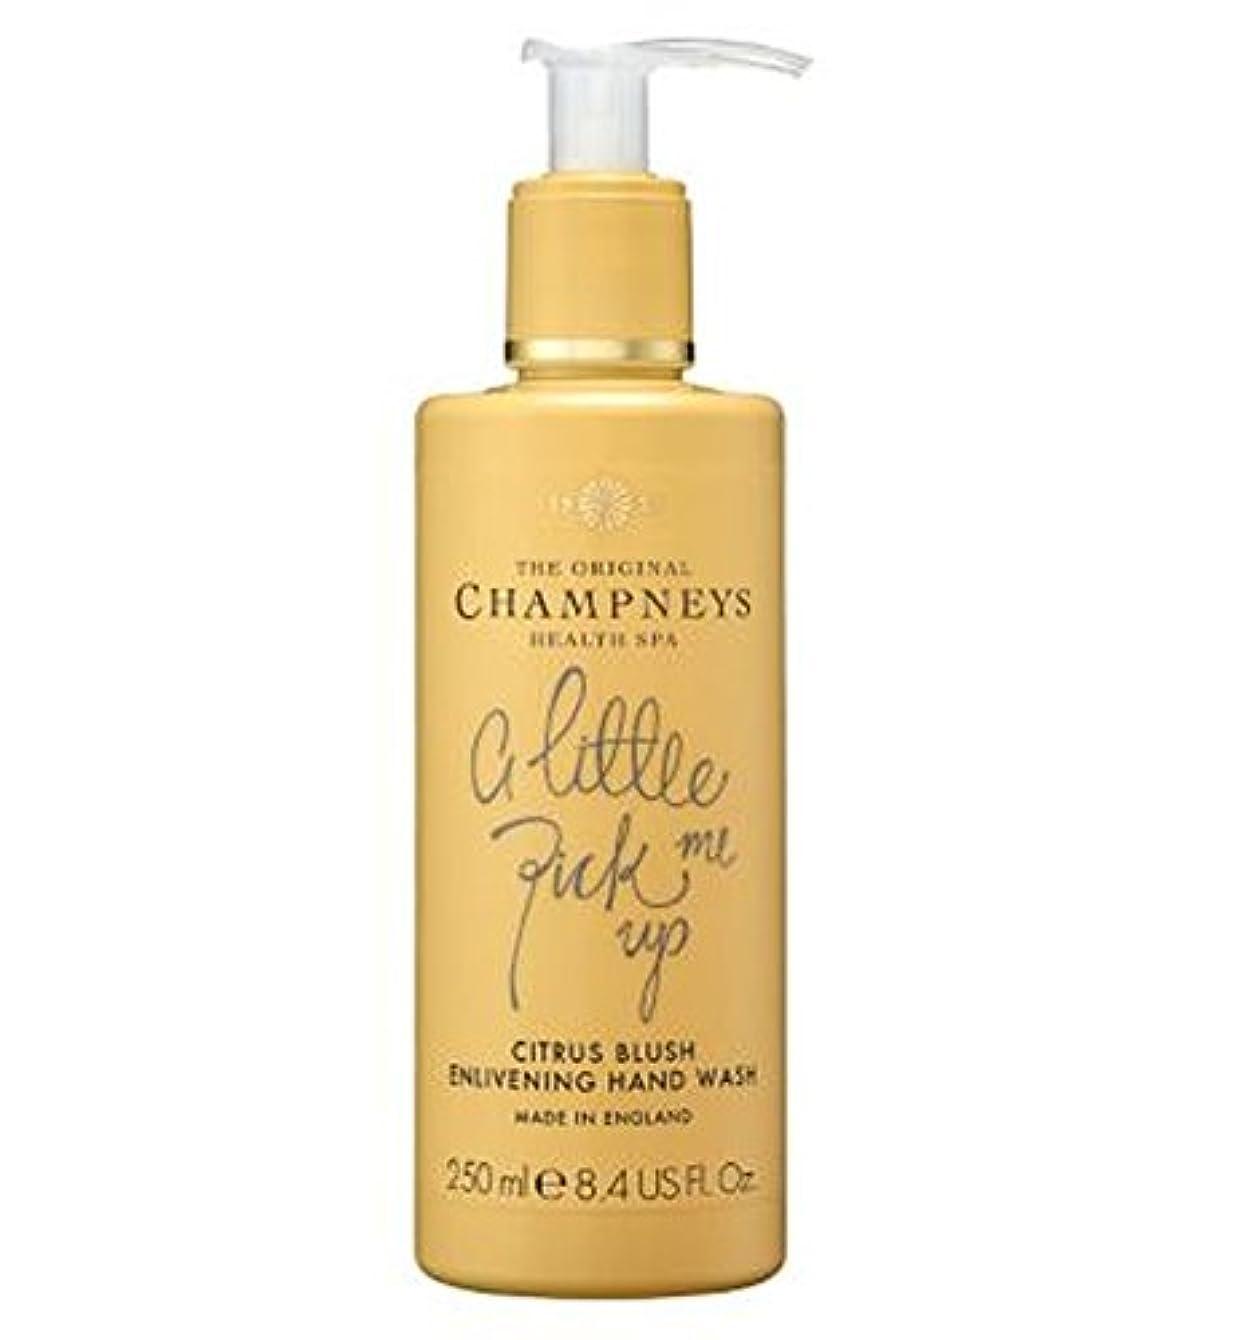 裏切りメーカー騙すチャンプニーズシトラス赤面盛り上げハンドウォッシュ250ミリリットル (Champneys) (x2) - Champneys Citrus Blush Enlivening Hand Wash 250ml (Pack...